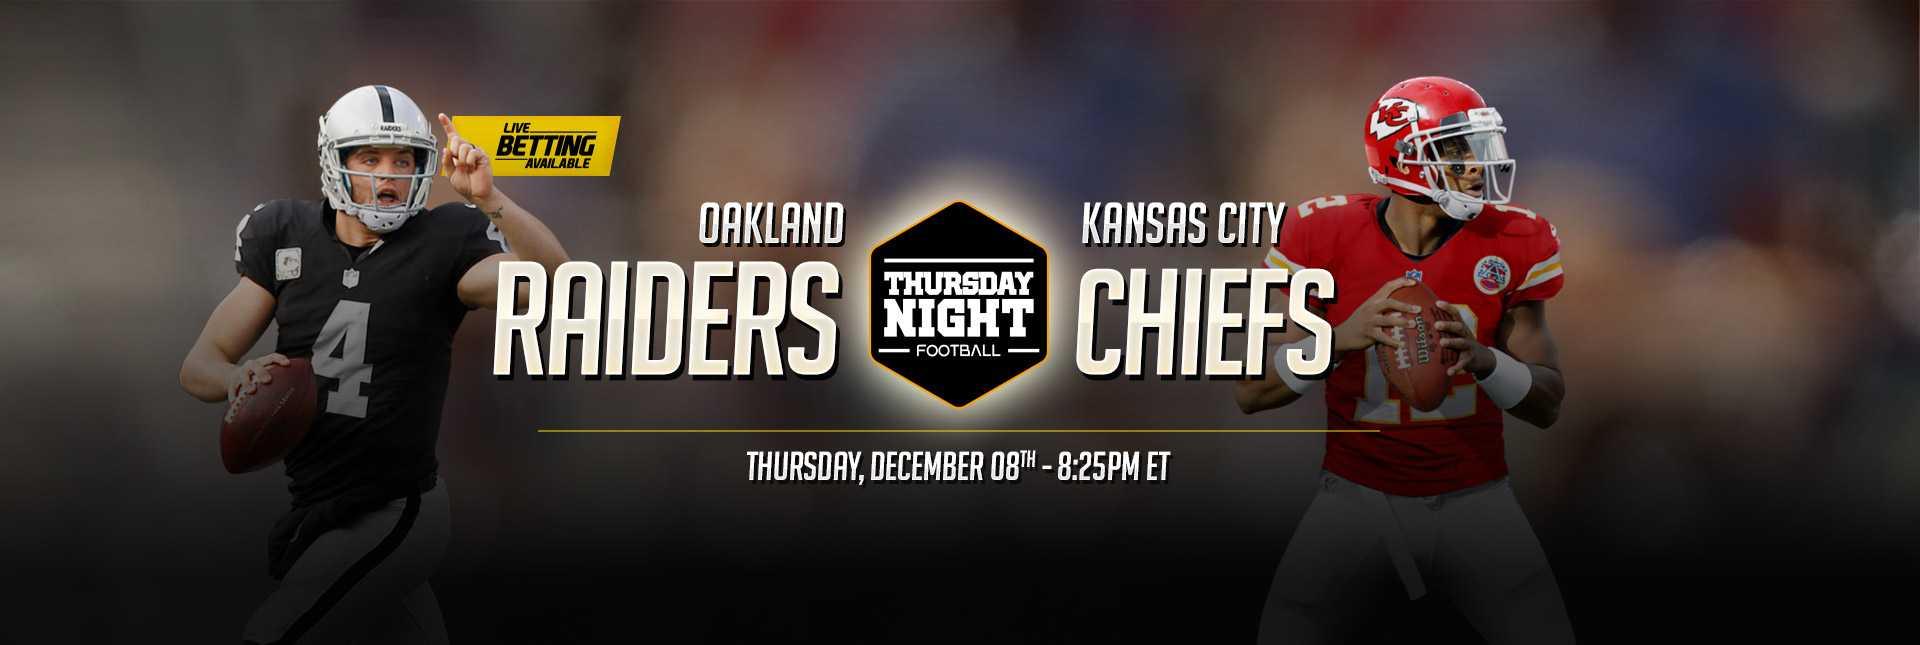 Raiders vs. Chiefs